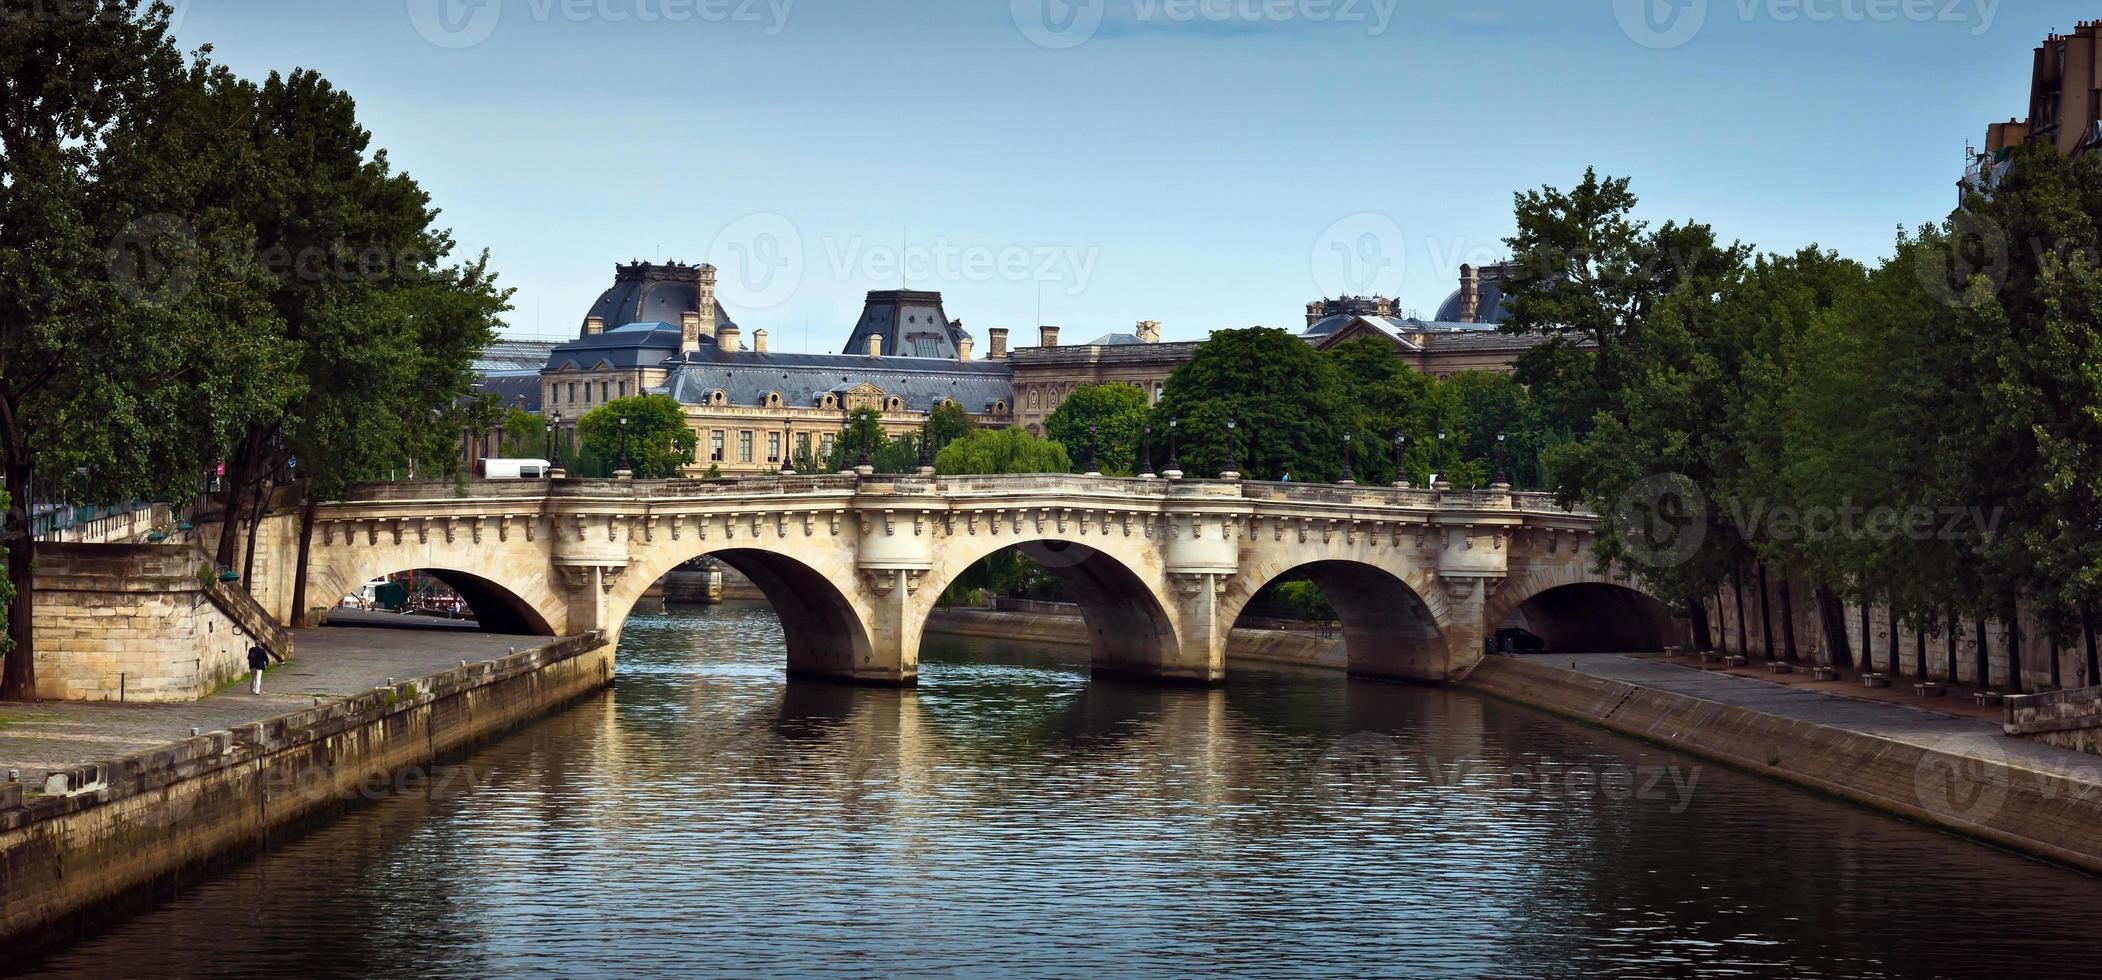 Pariser - französische Architektur foto